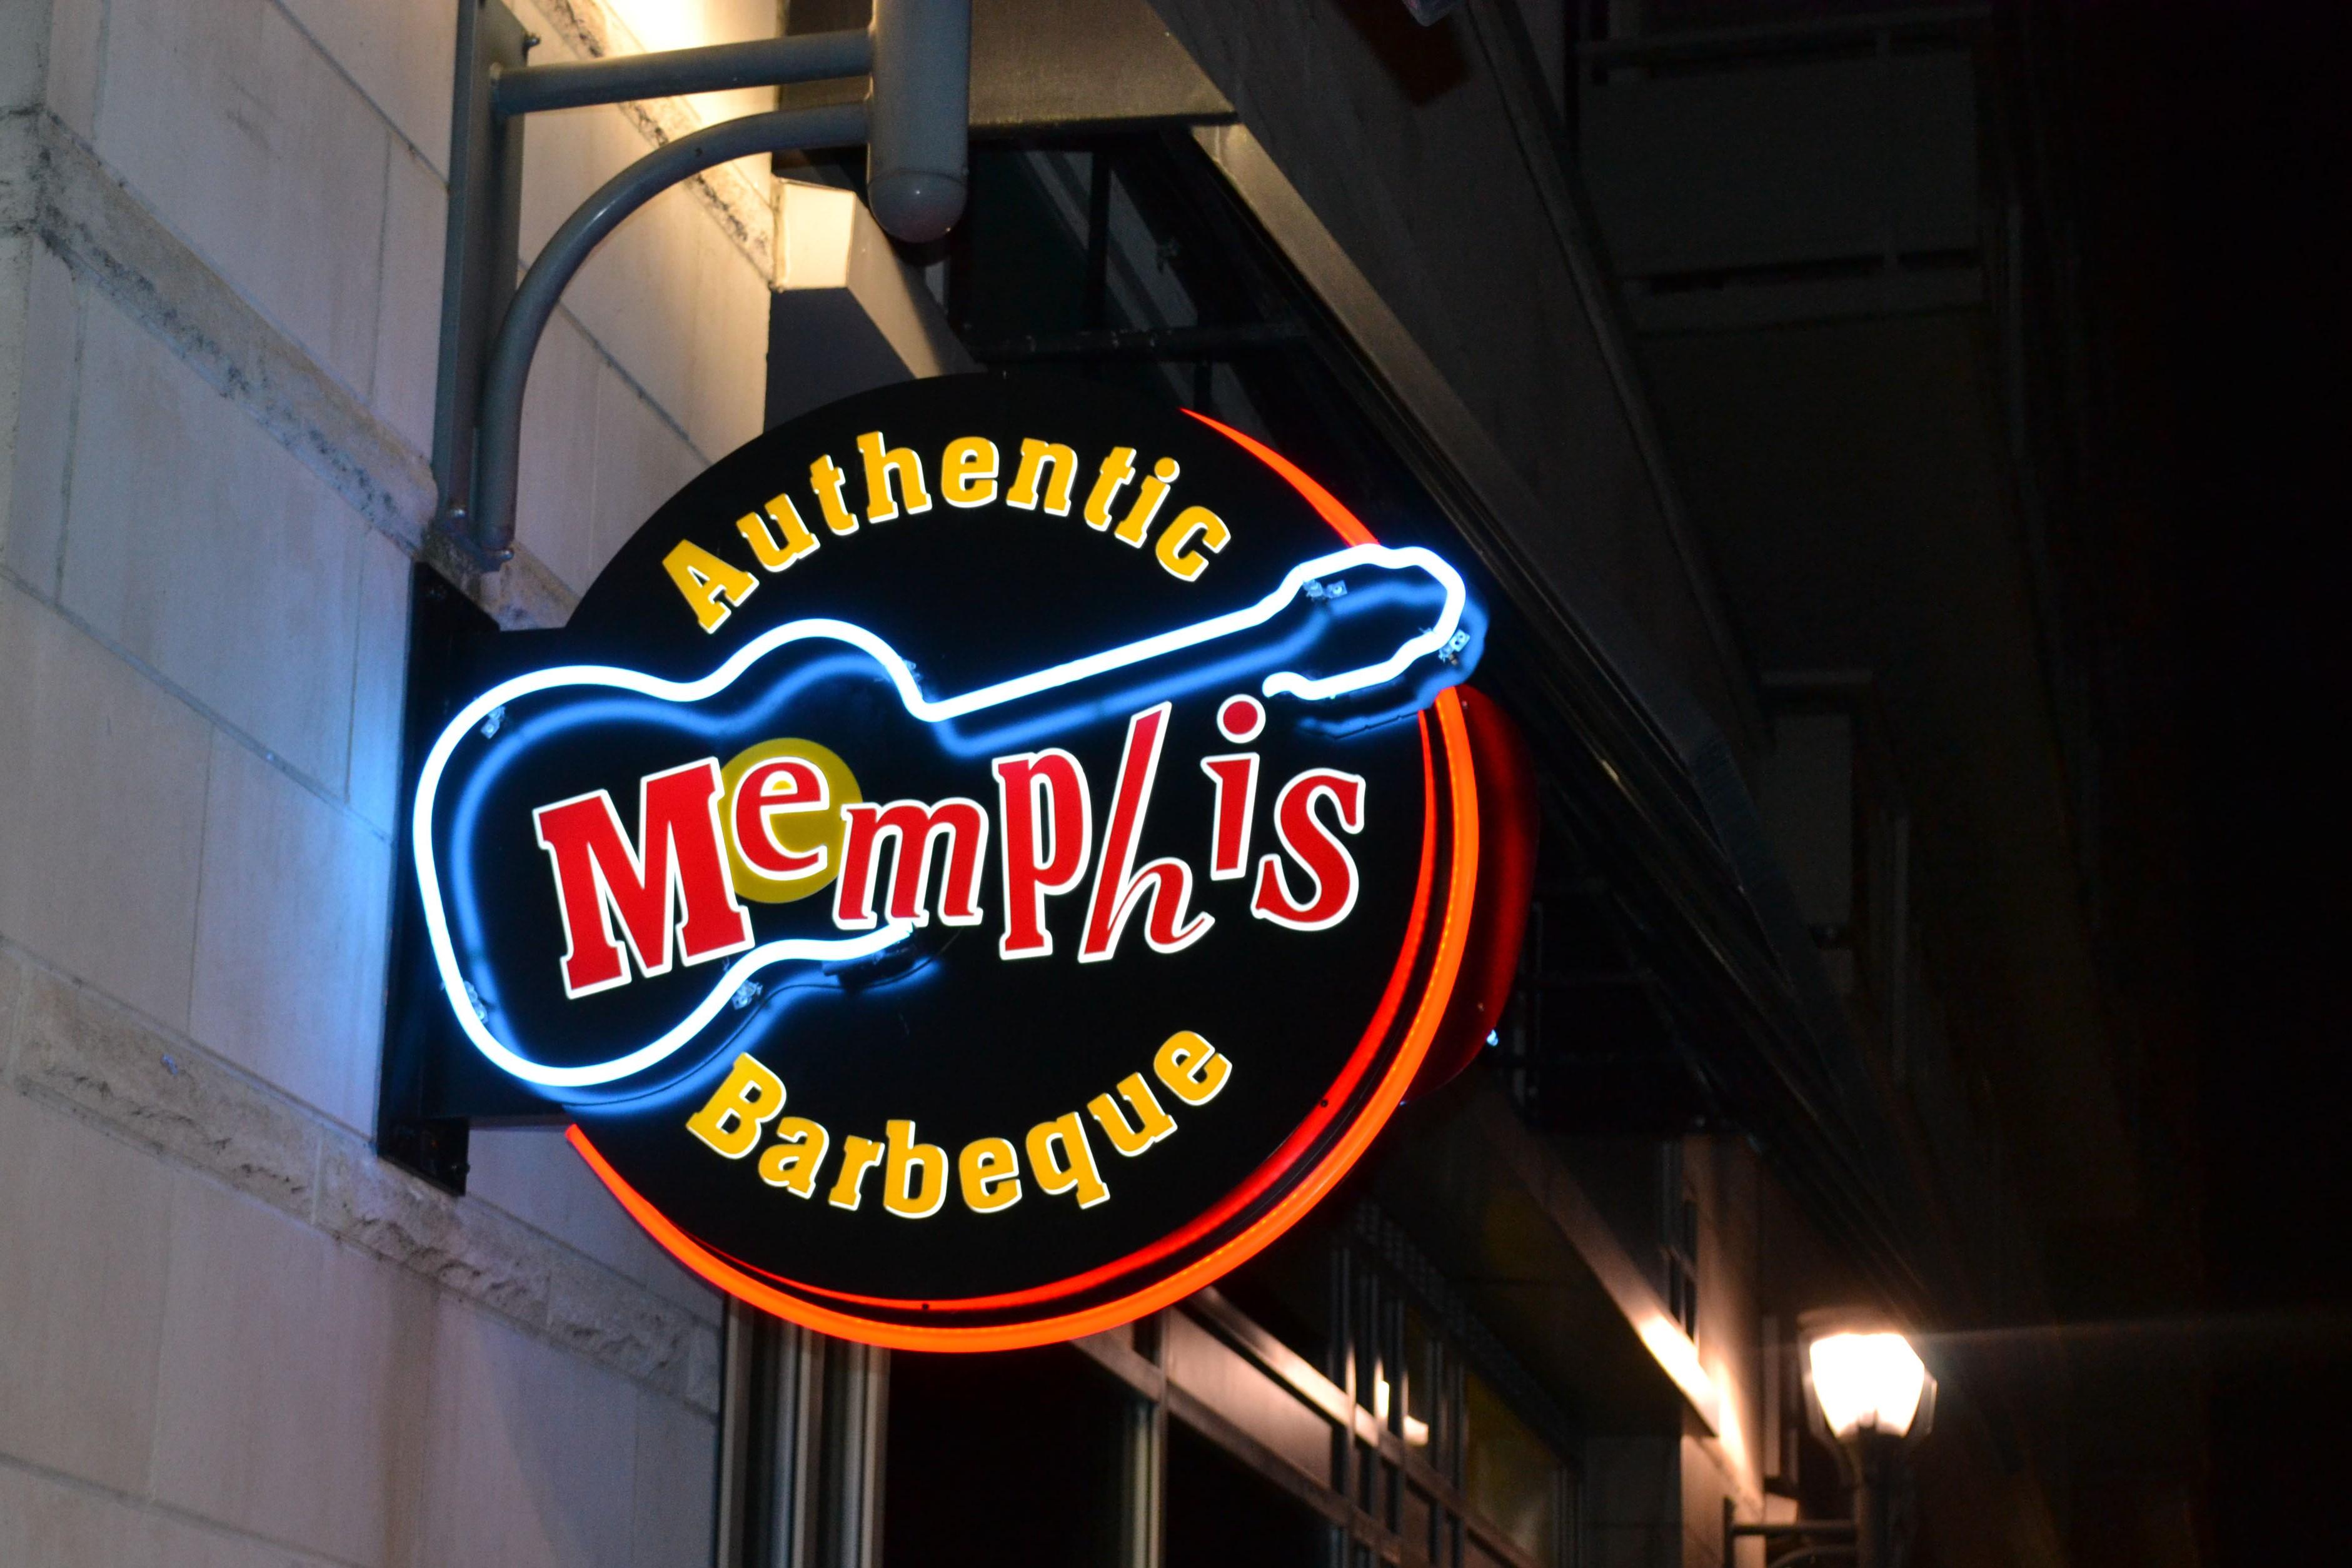 Restaurants Diner Memphis Is Meer Dan Elvis De Plaatselijke Barbecue Het Toppunt Van Soulfood En Houdt Verband Met Blues Geschiedenis Stad